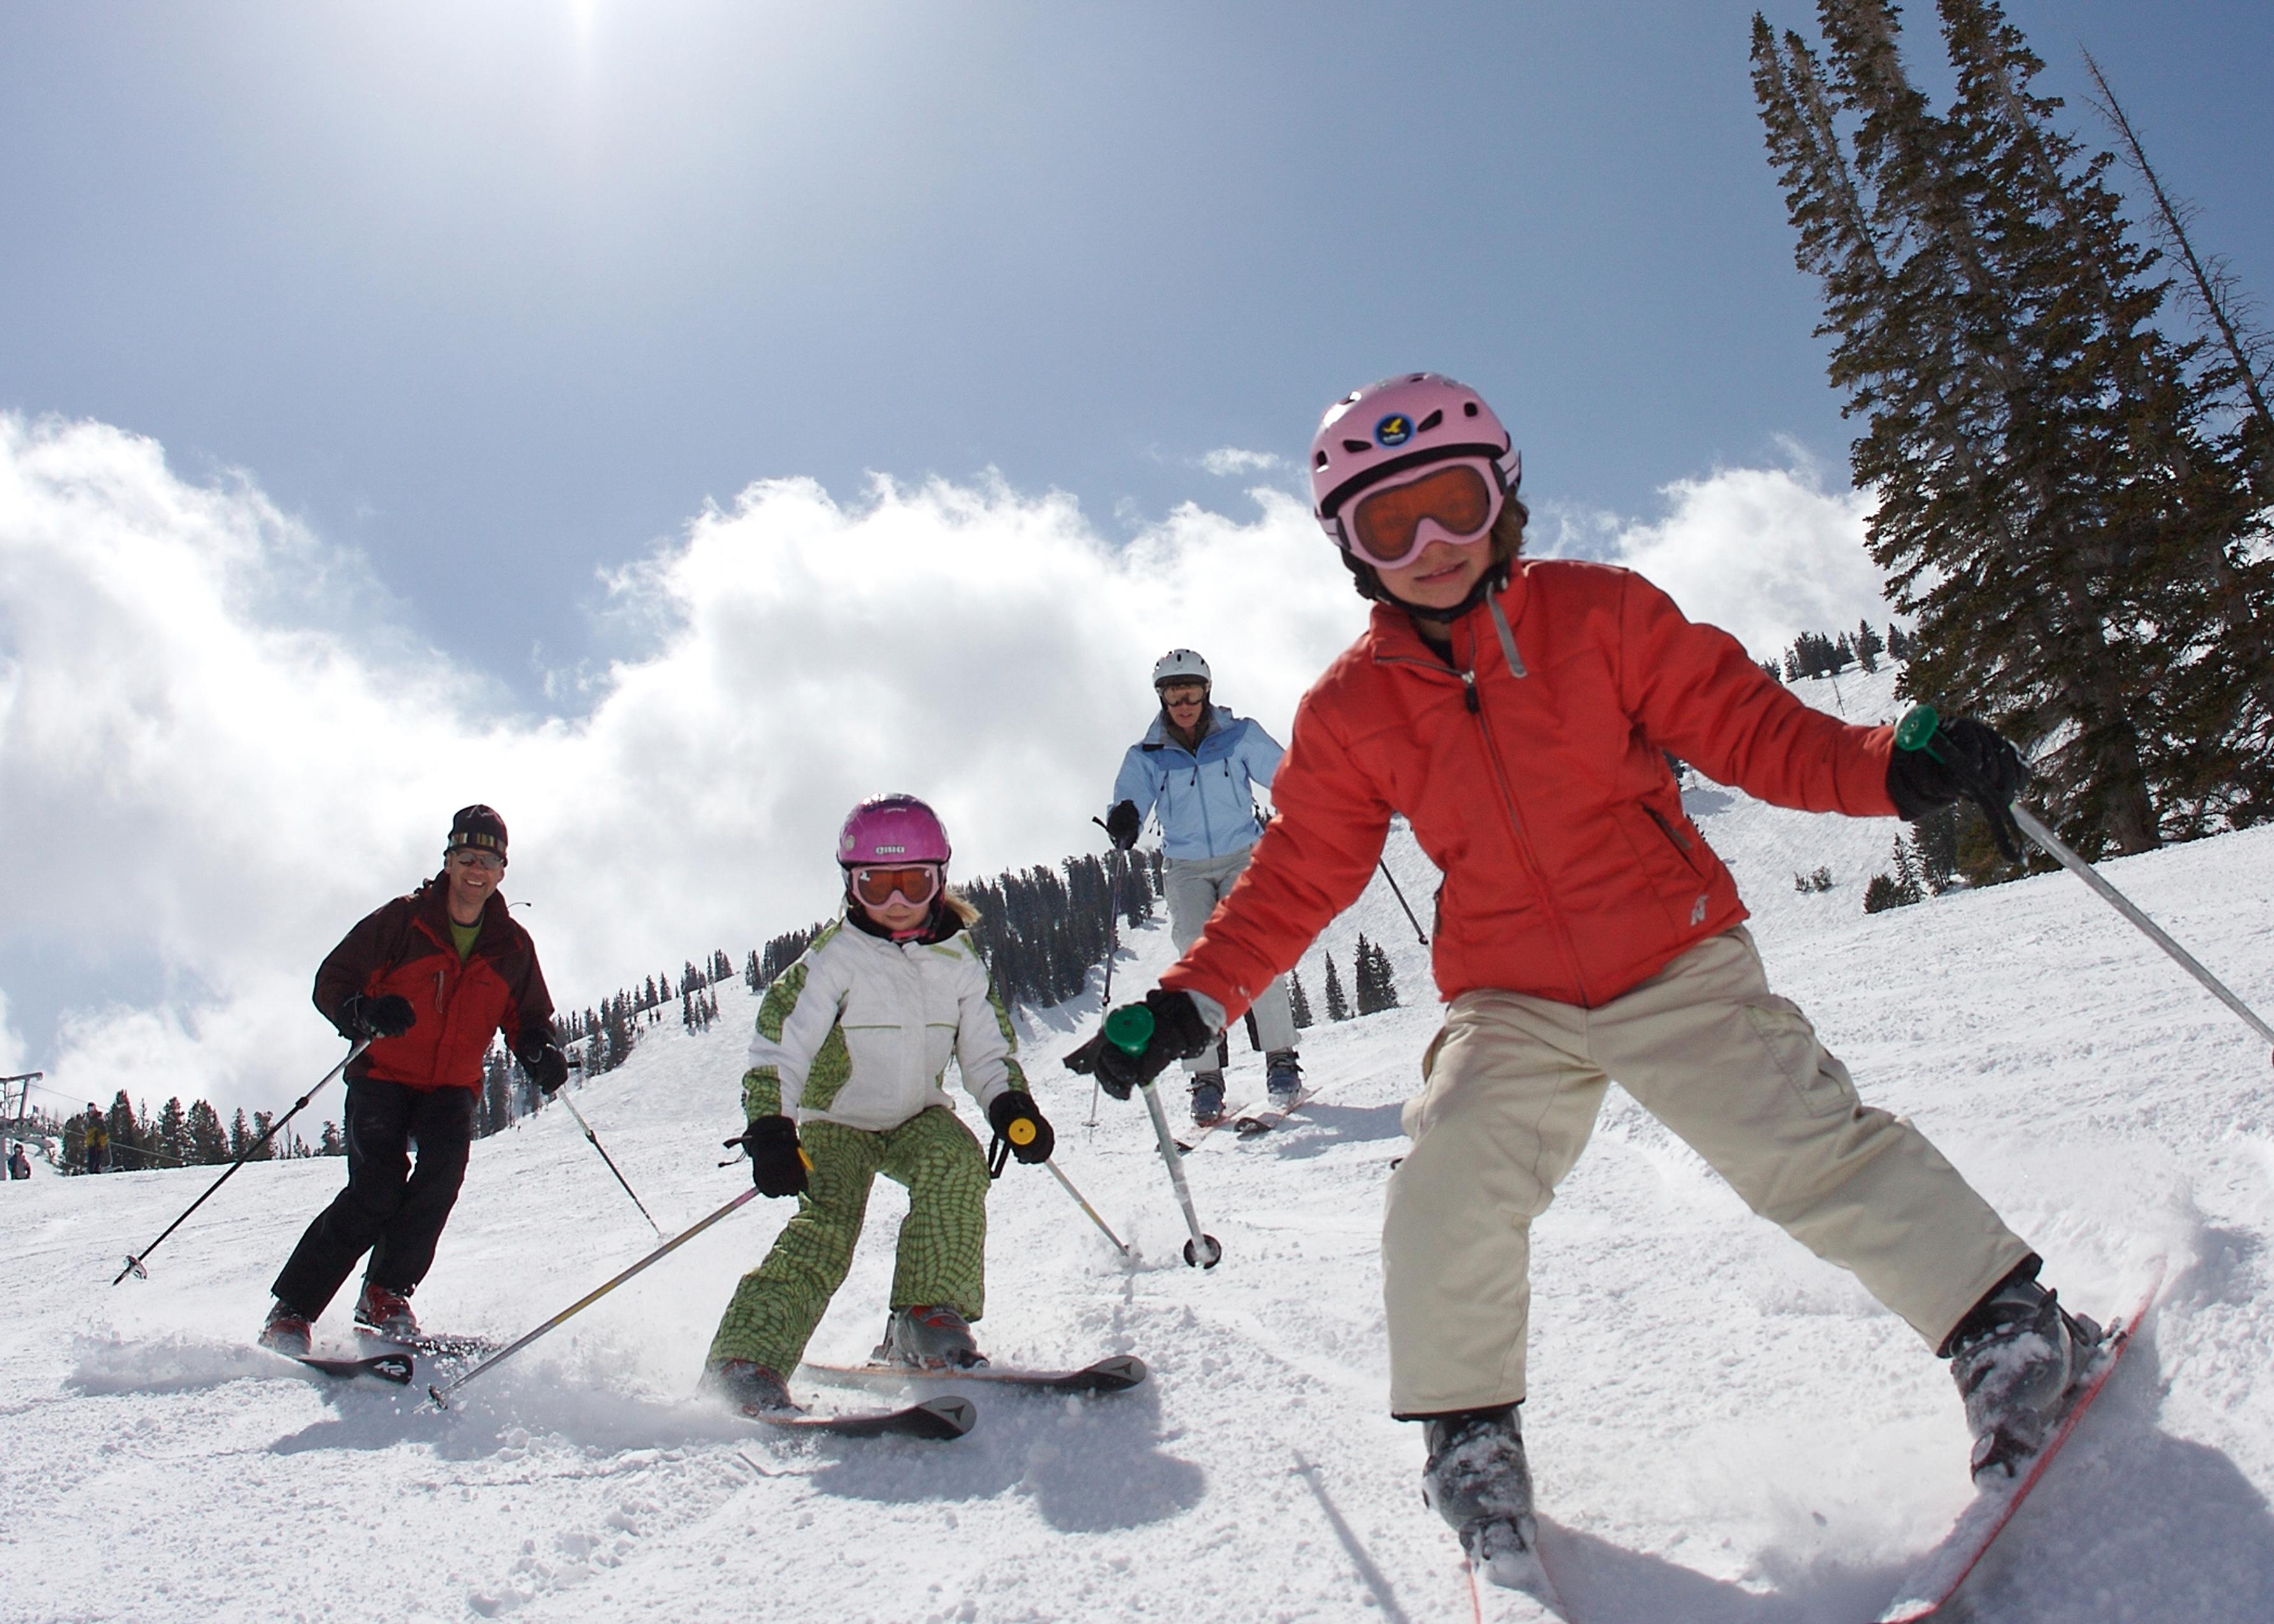 Familienspaß im Skigebiet Brighton in Utah